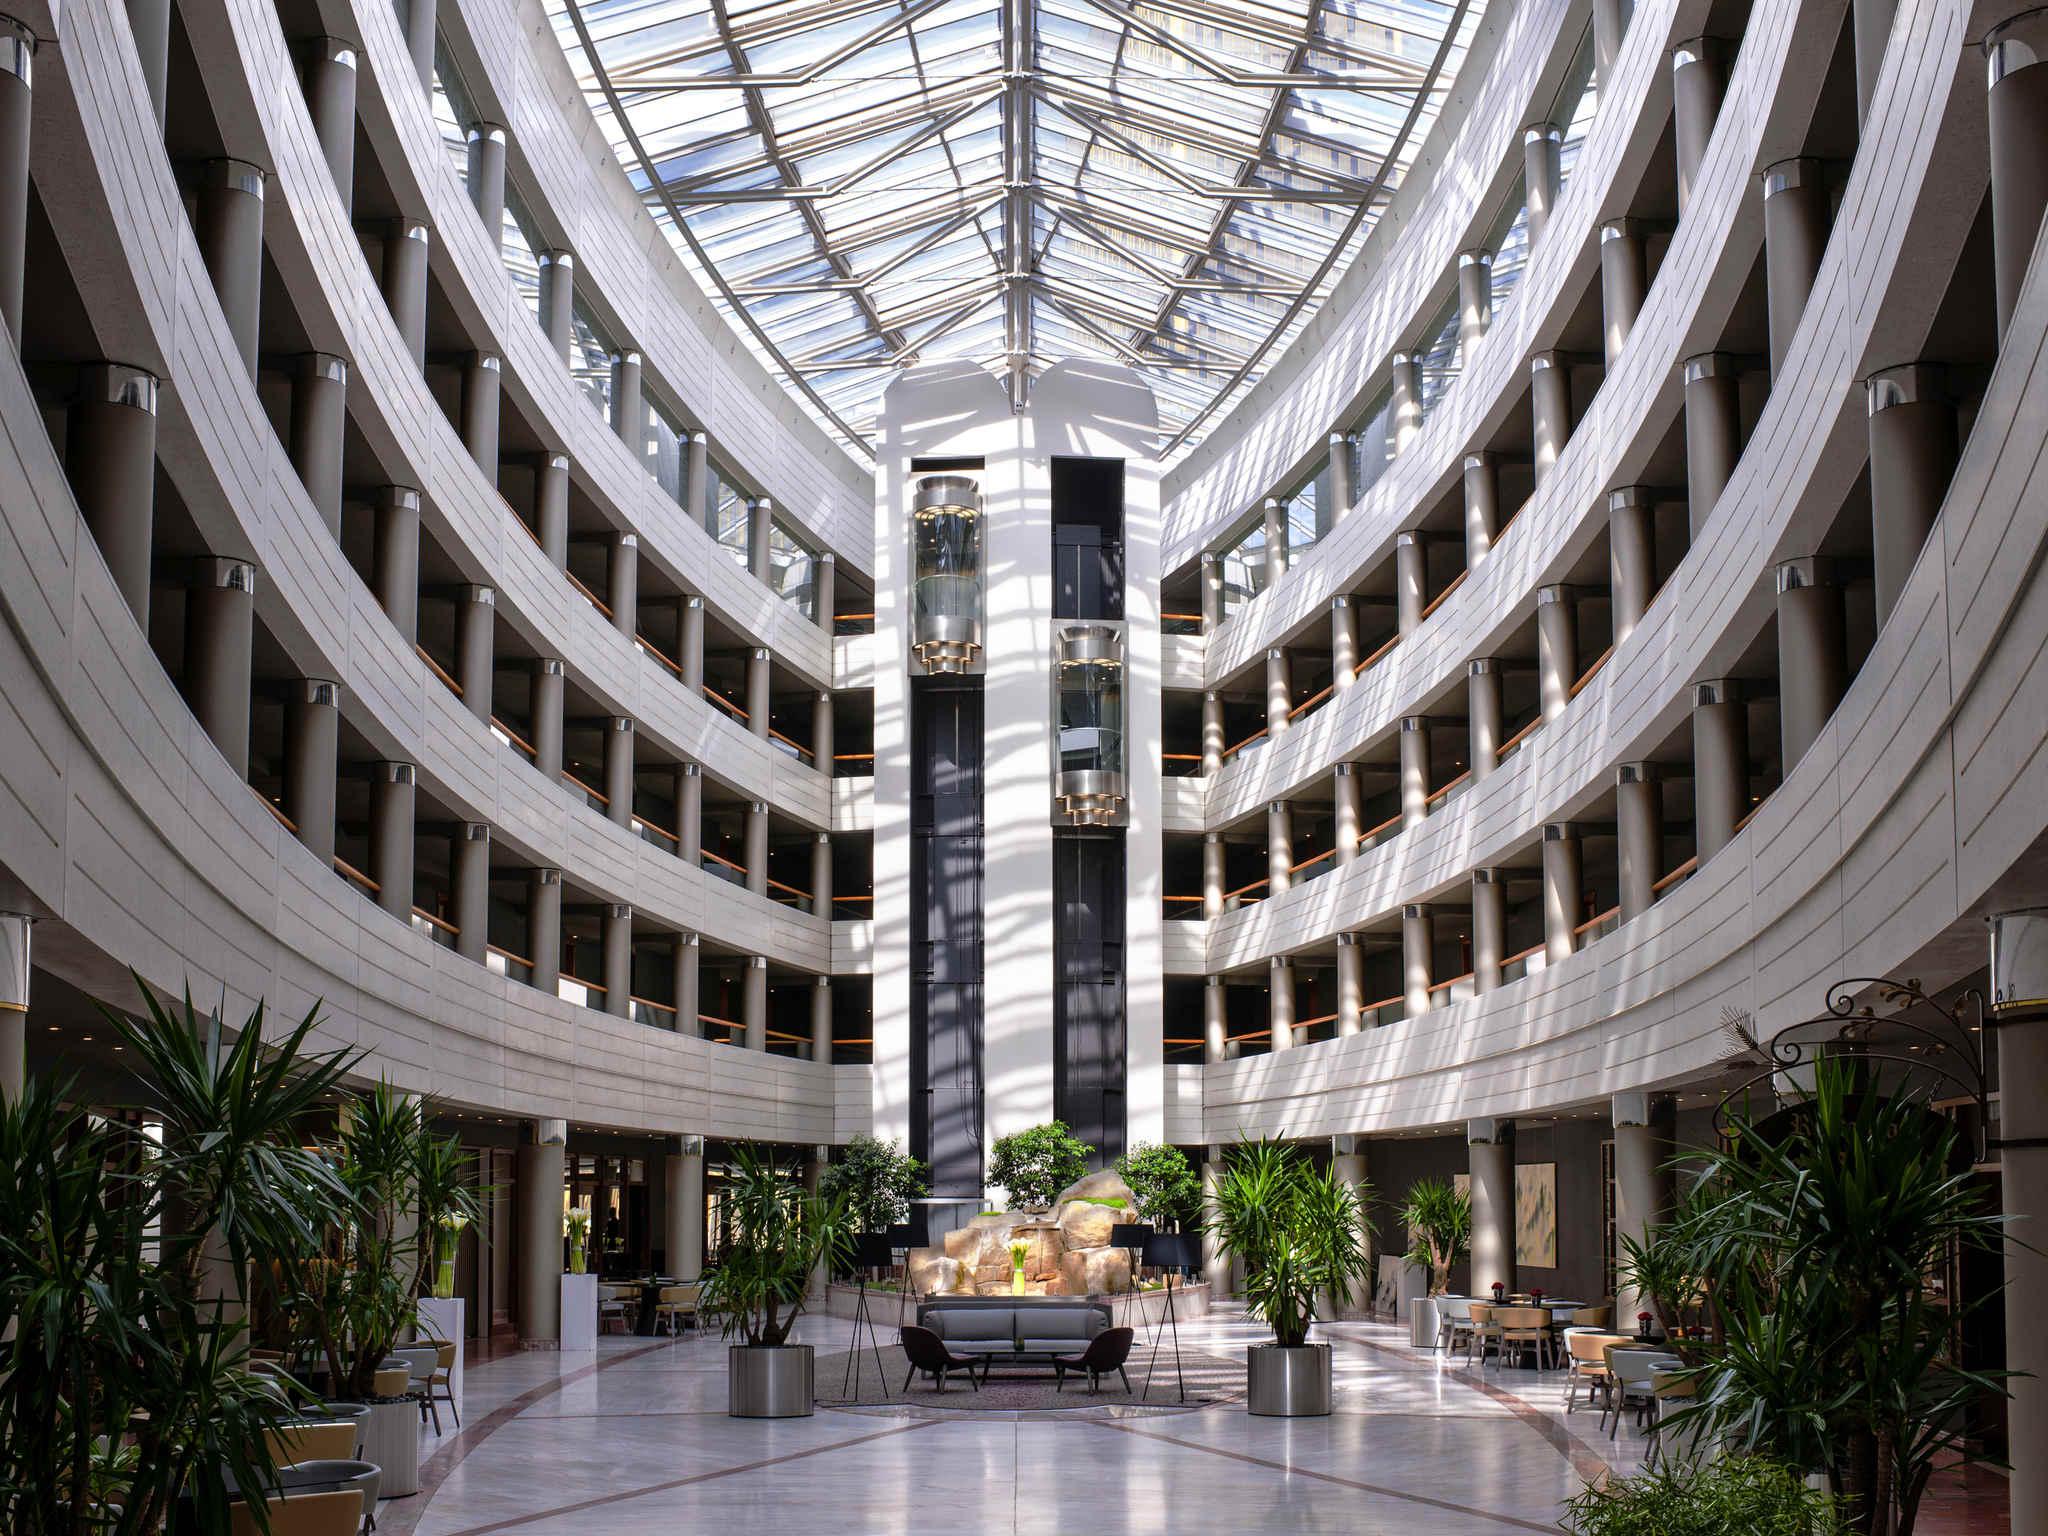 酒店 – 卢森堡欧洲索菲特酒店